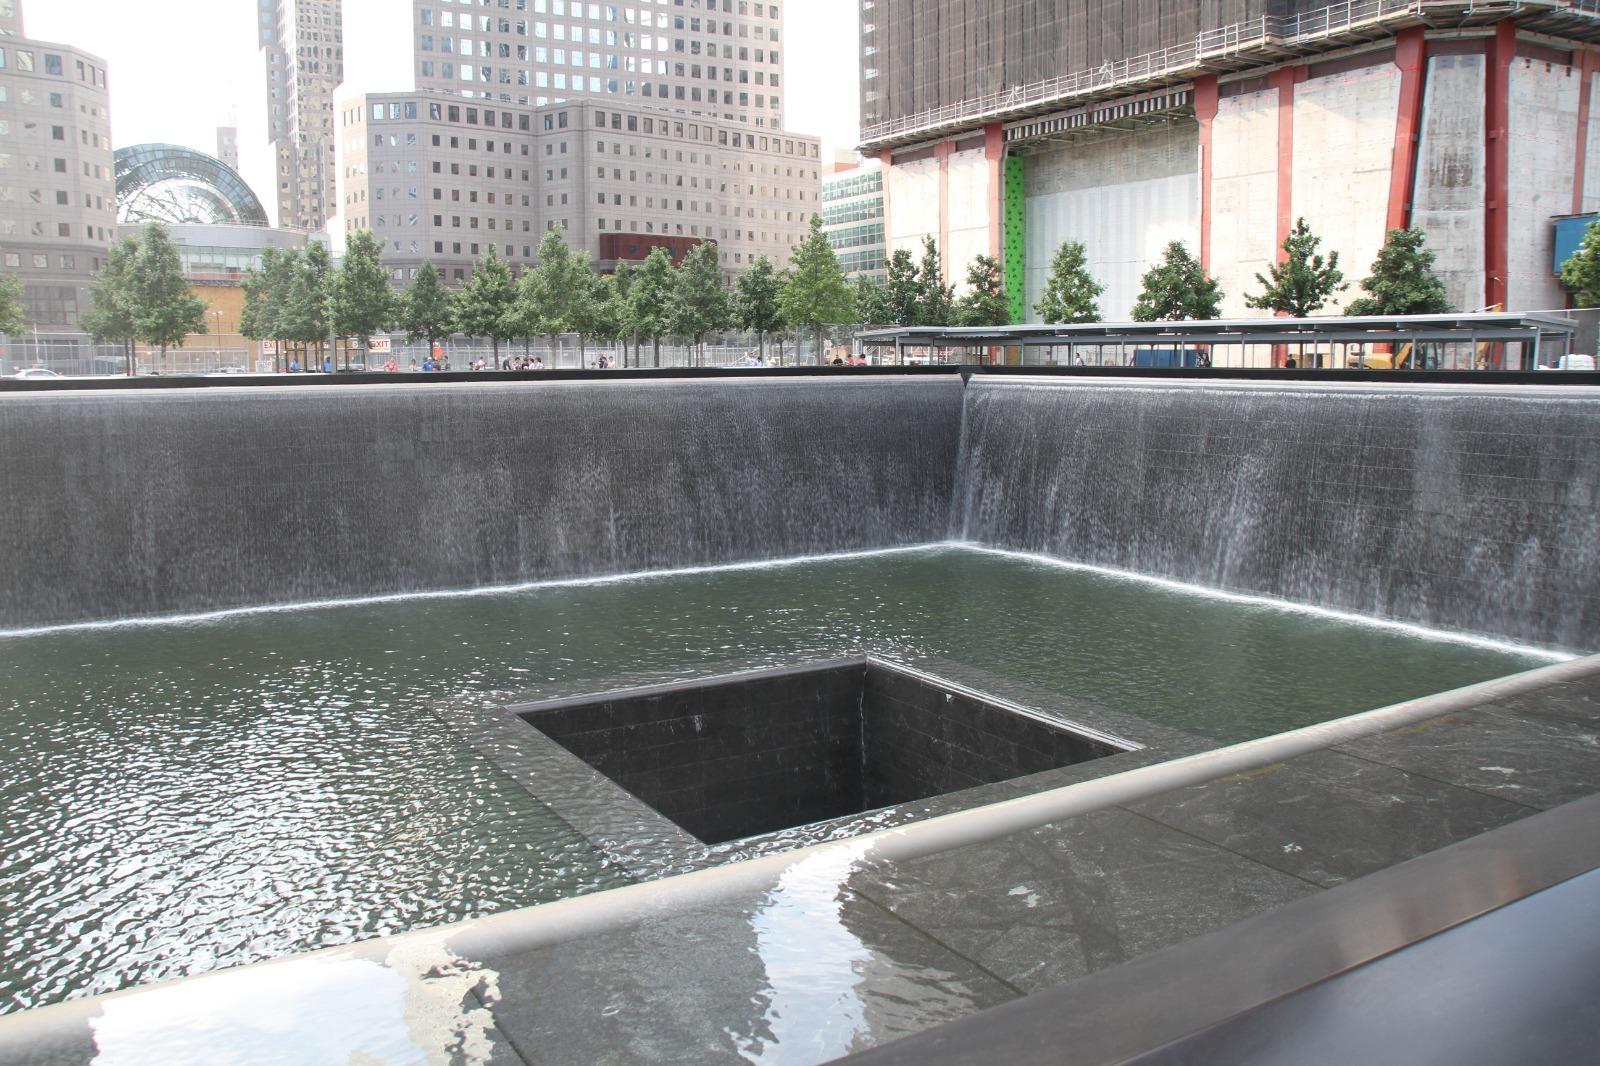 newyork06-1600781373.jpg